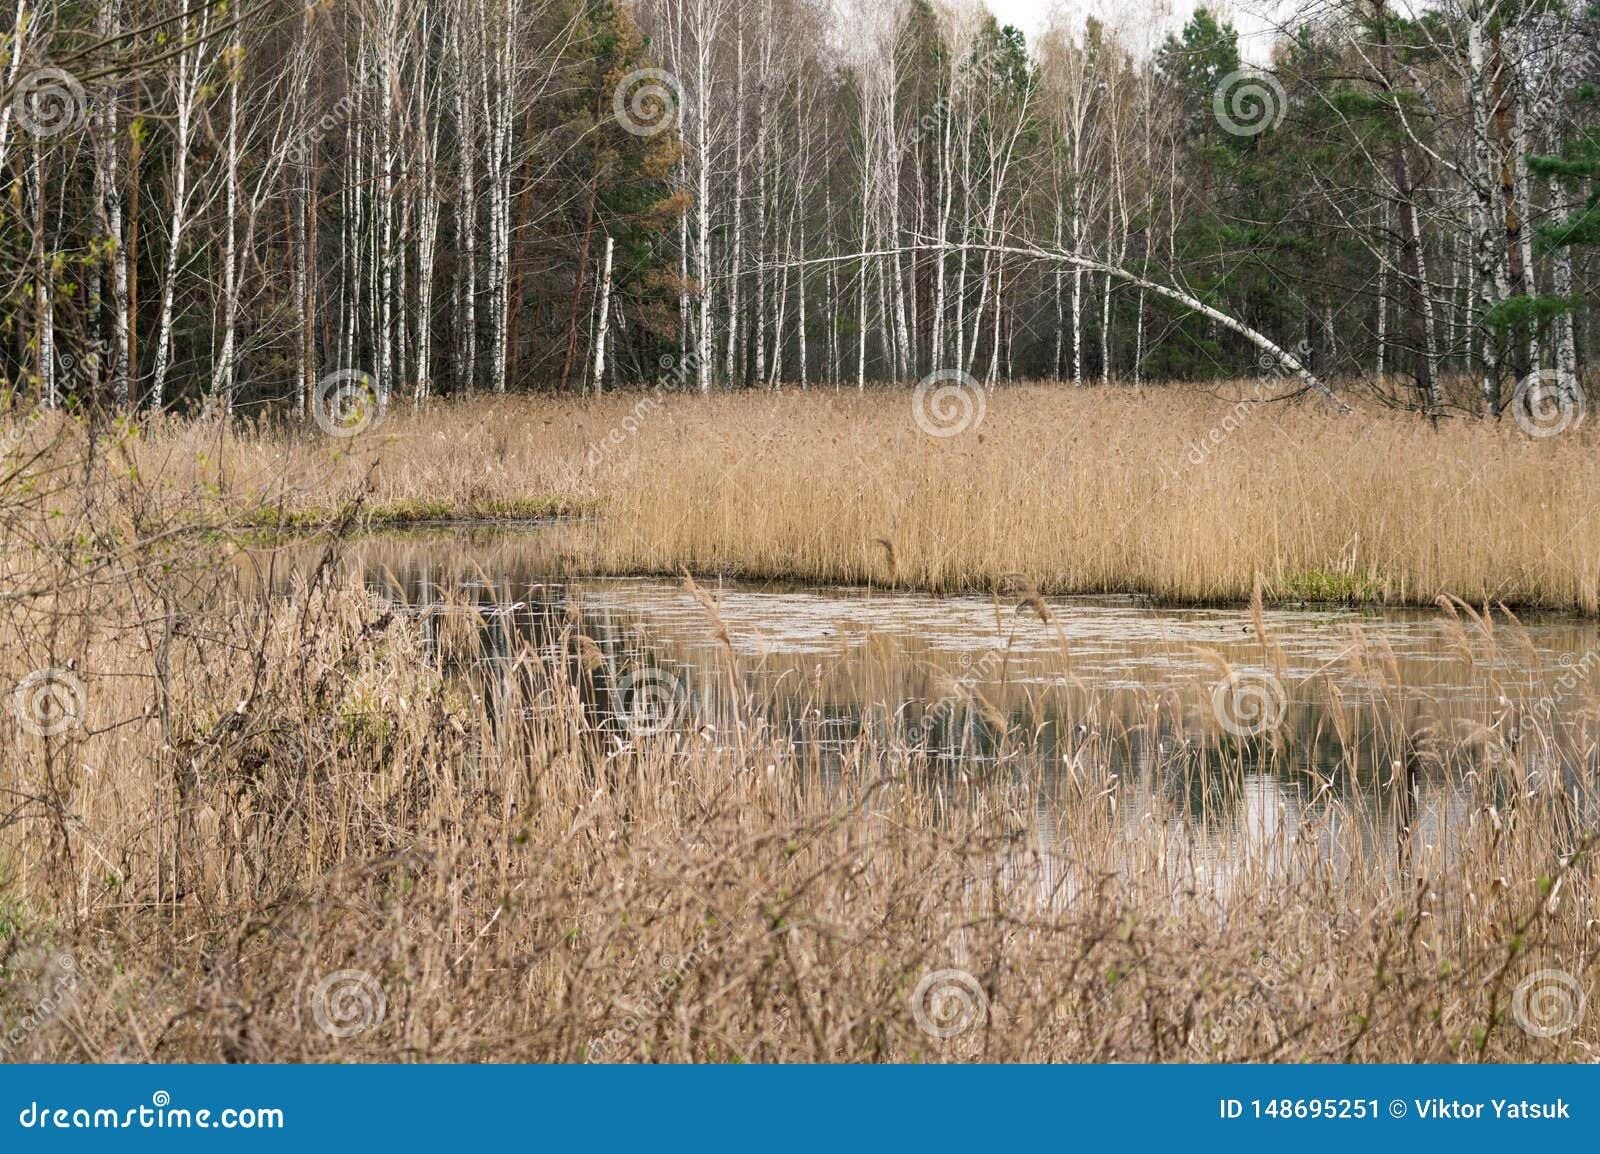 Роща березы в роще березы леса рекой